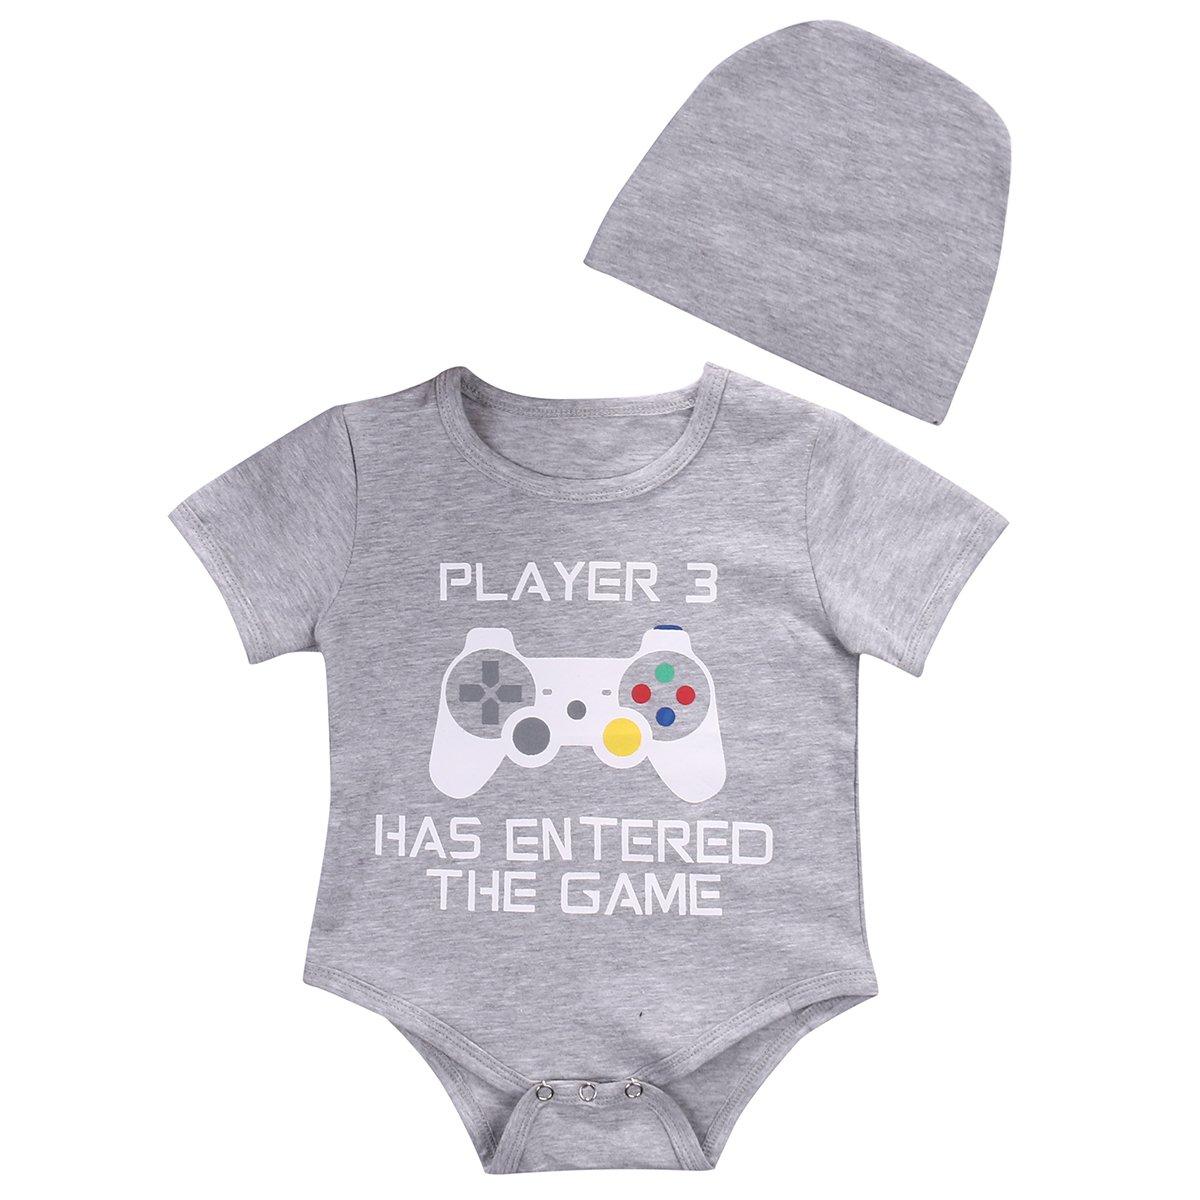 Baby Onesies Funny Sayings: Amazon.com